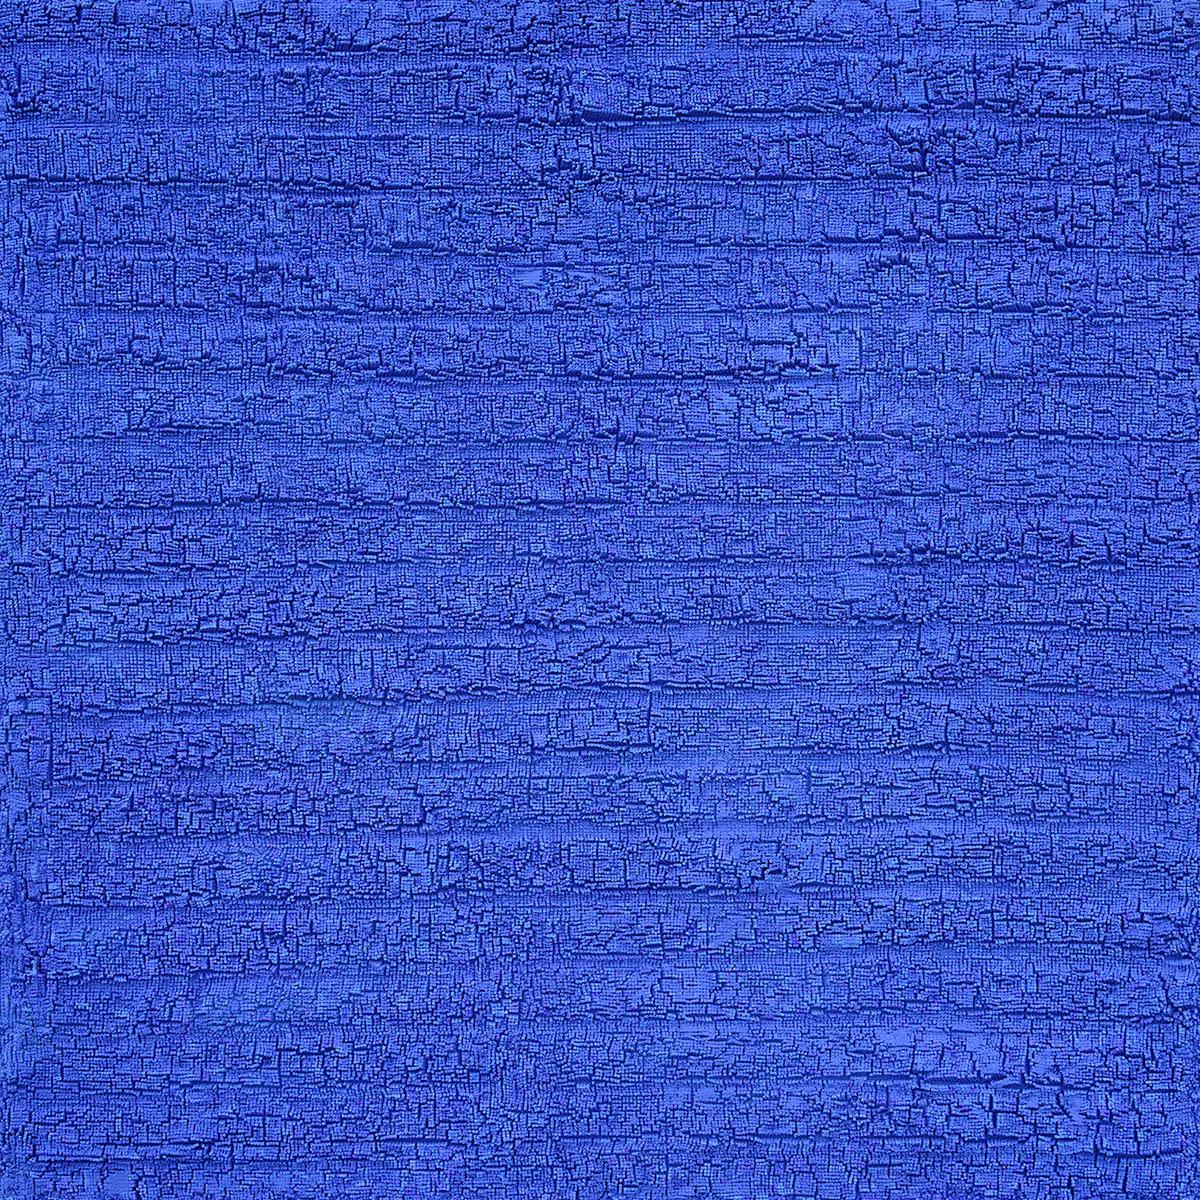 공존-밀알의 숲 130S-3︱145.5x145.5cm, Mixed materiais︱2019